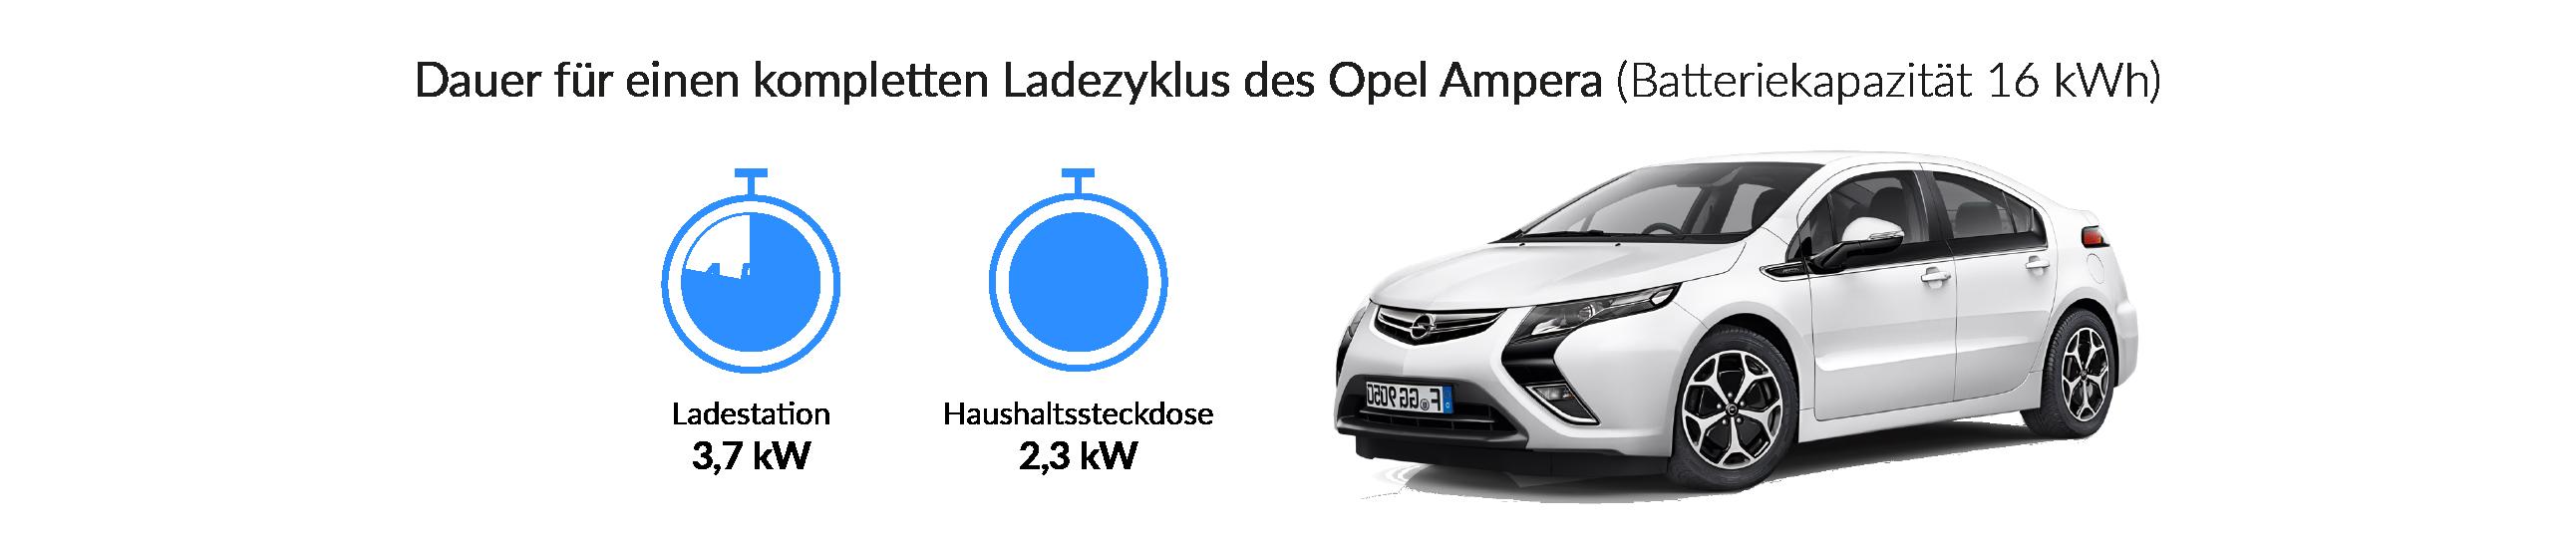 Ladezeiten des Opel Ampera